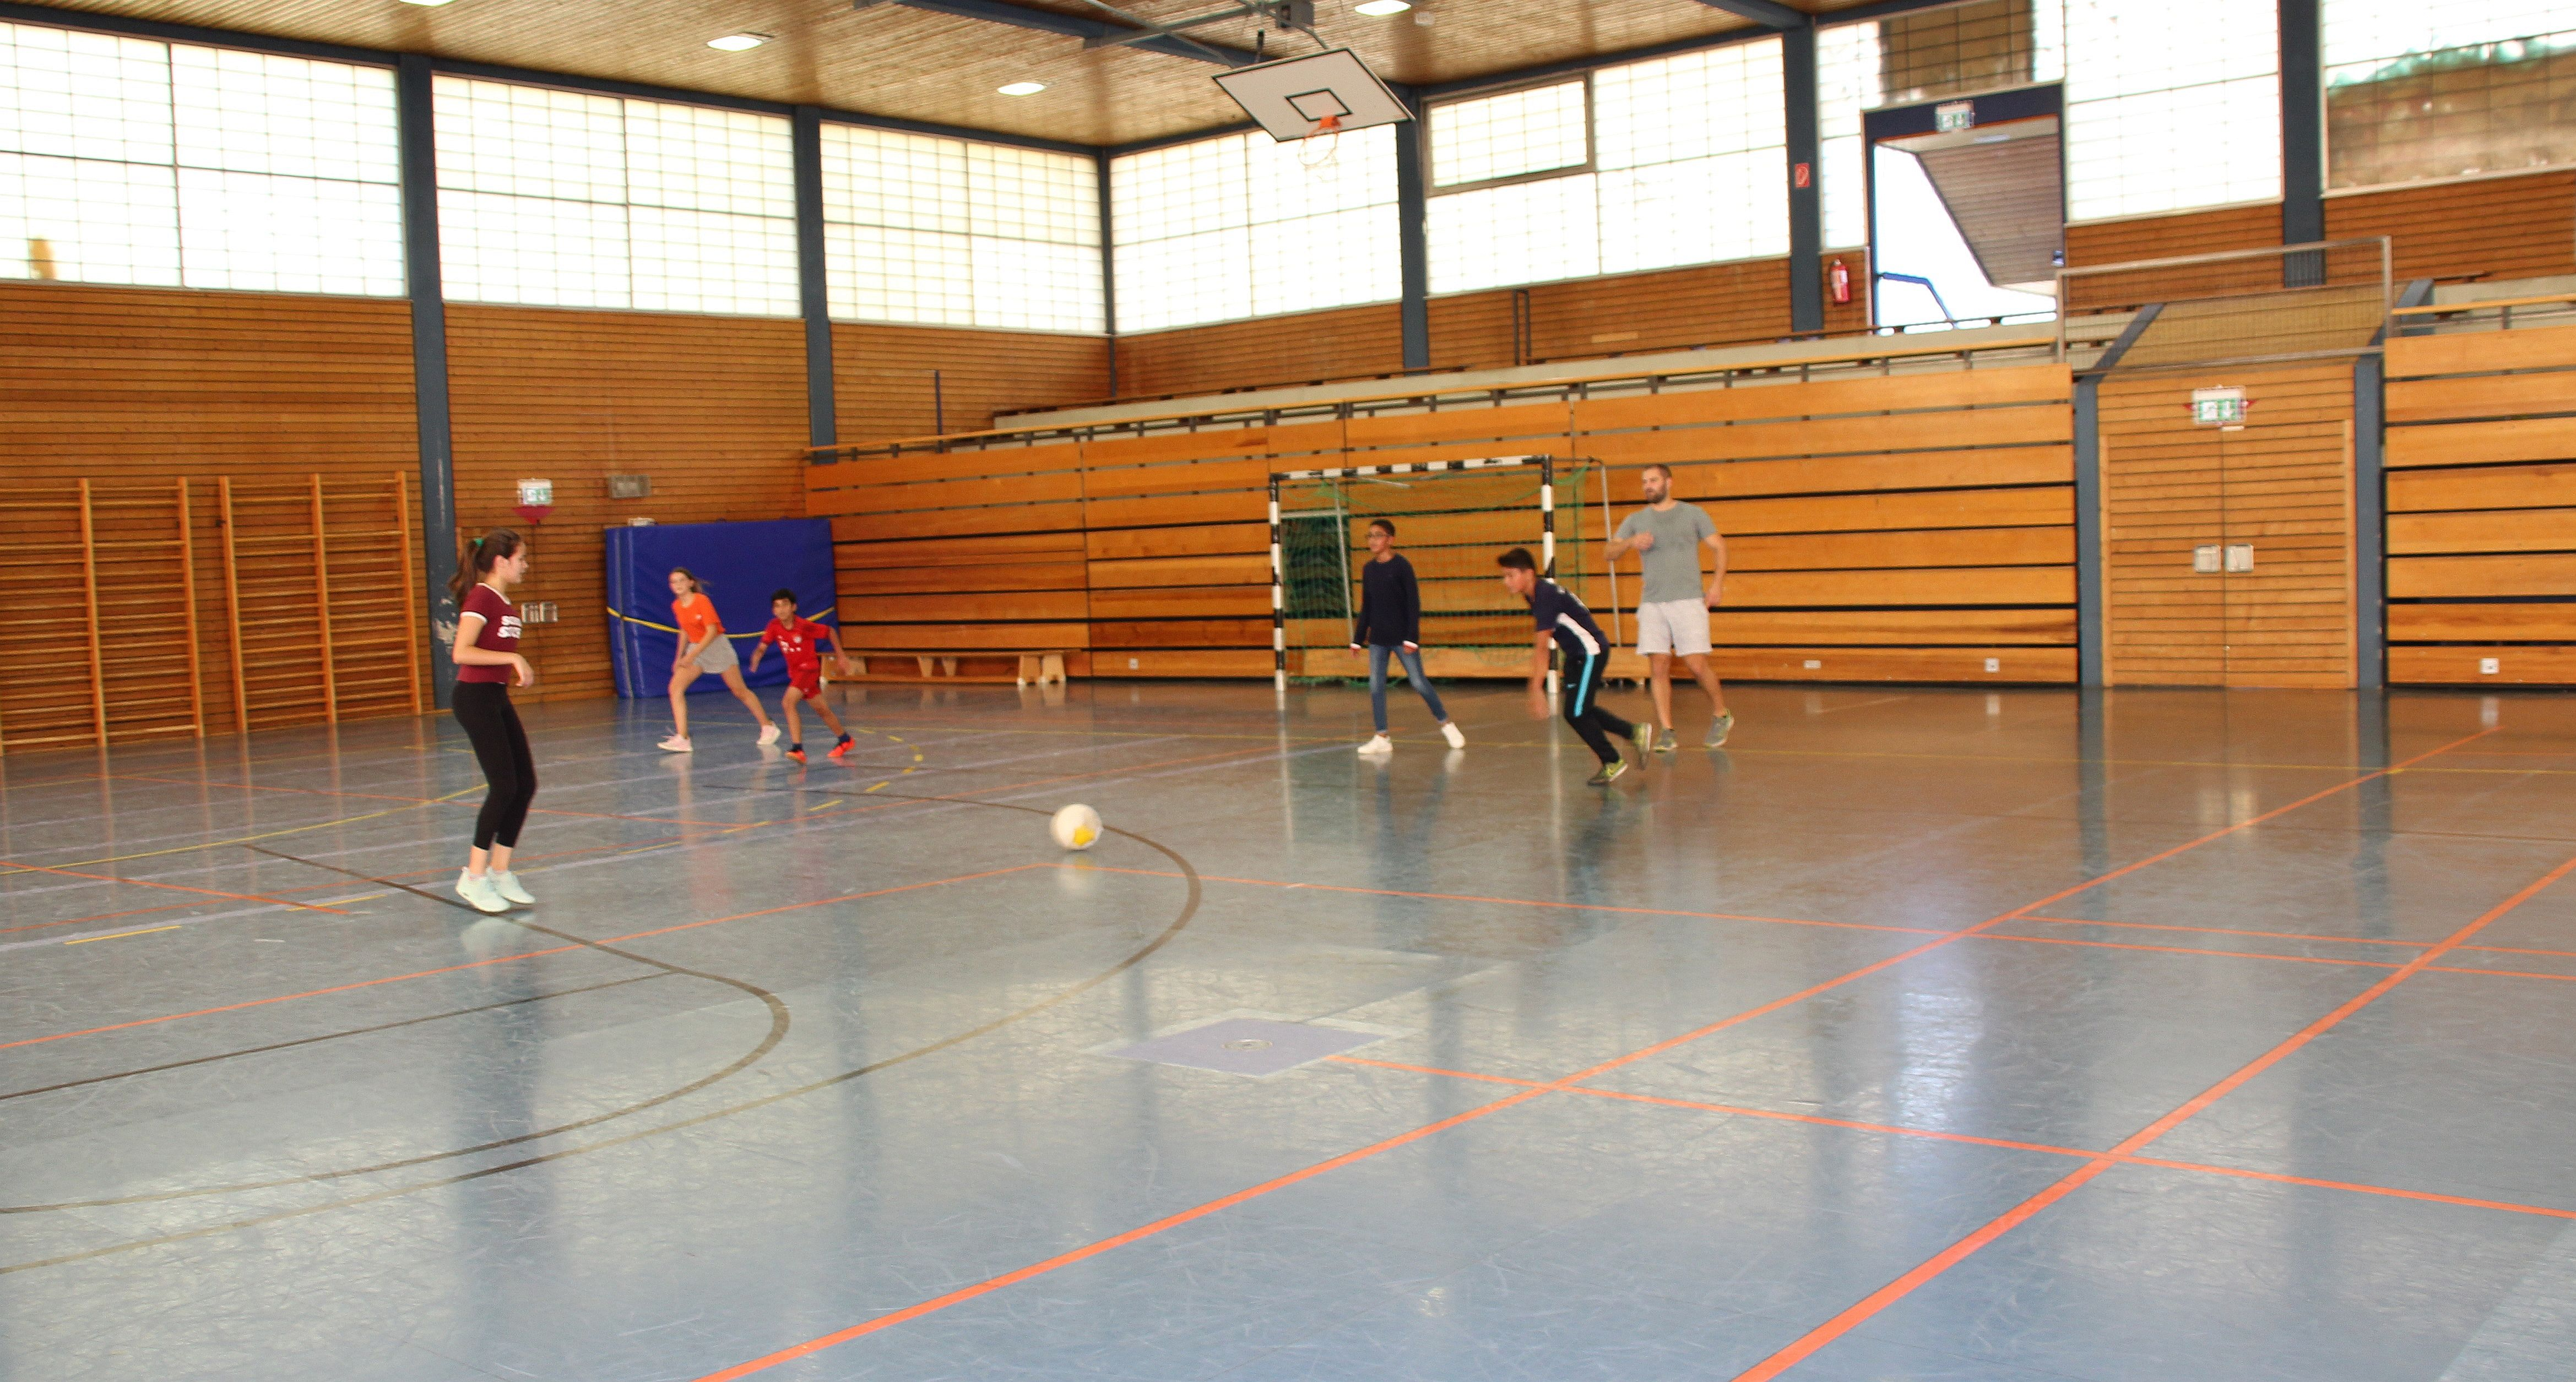 oberstufenschulen frankfurt main